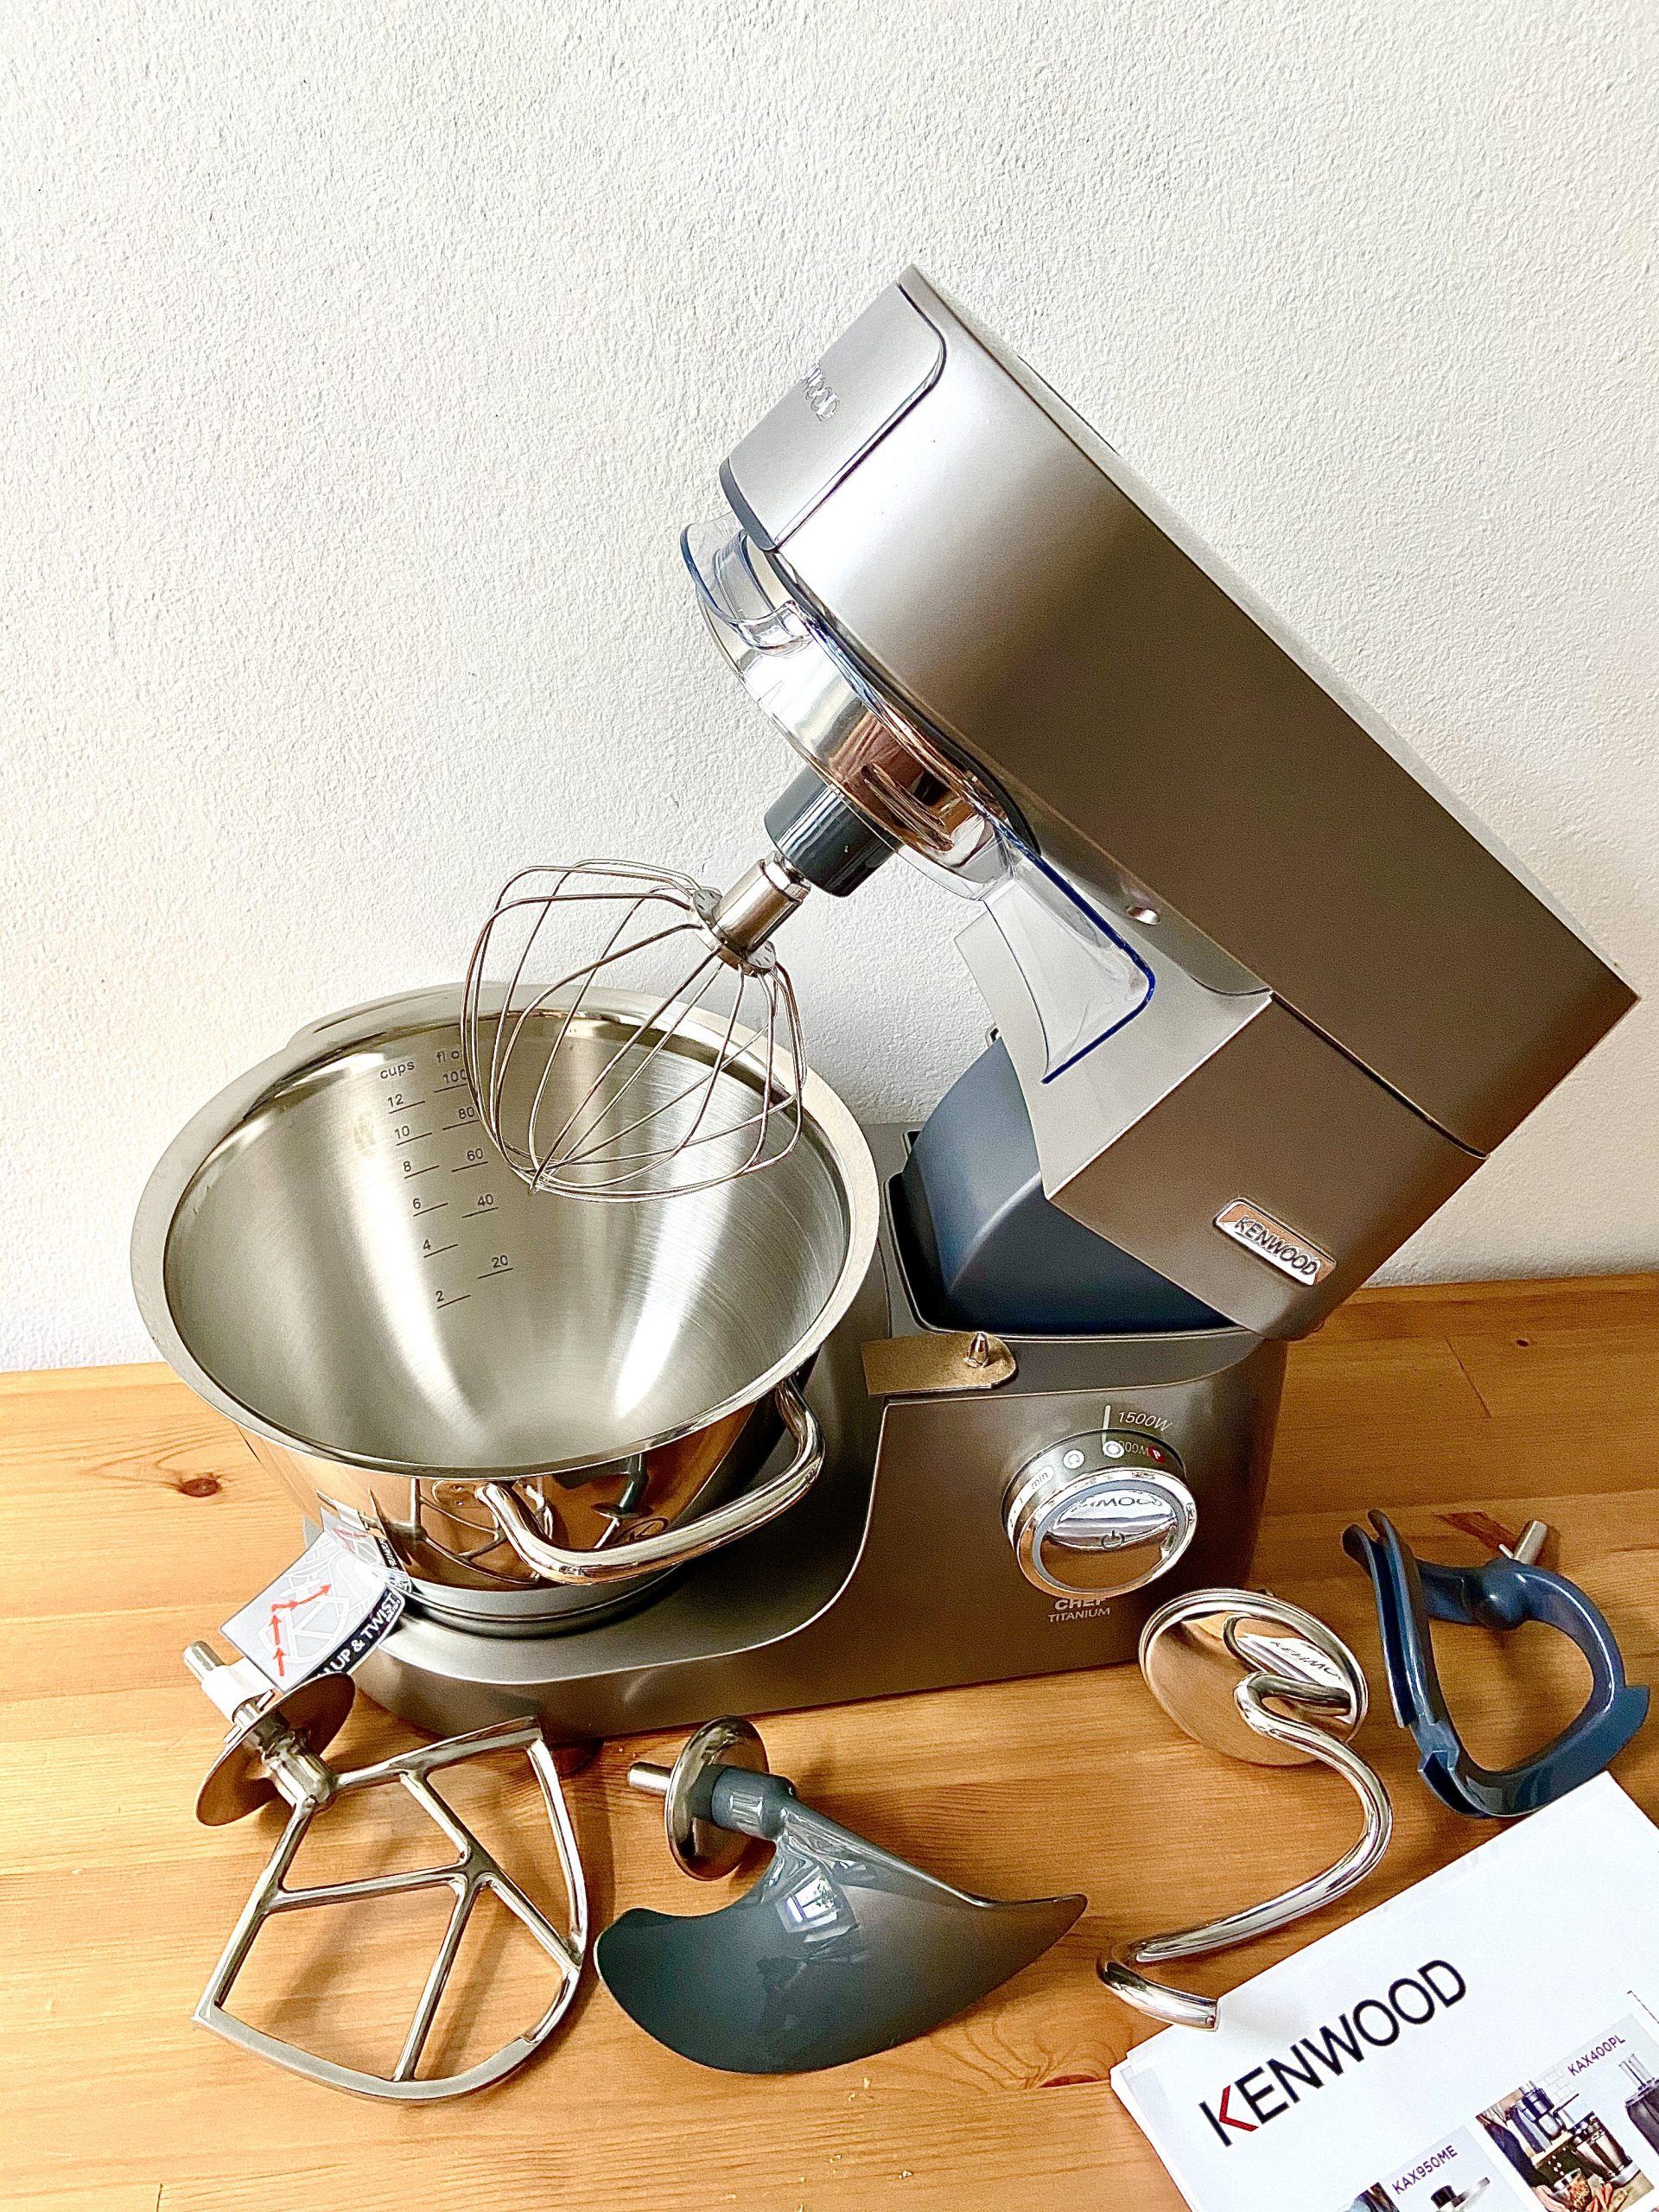 Meine glutenfreie Küchenmaschine von Kenwood